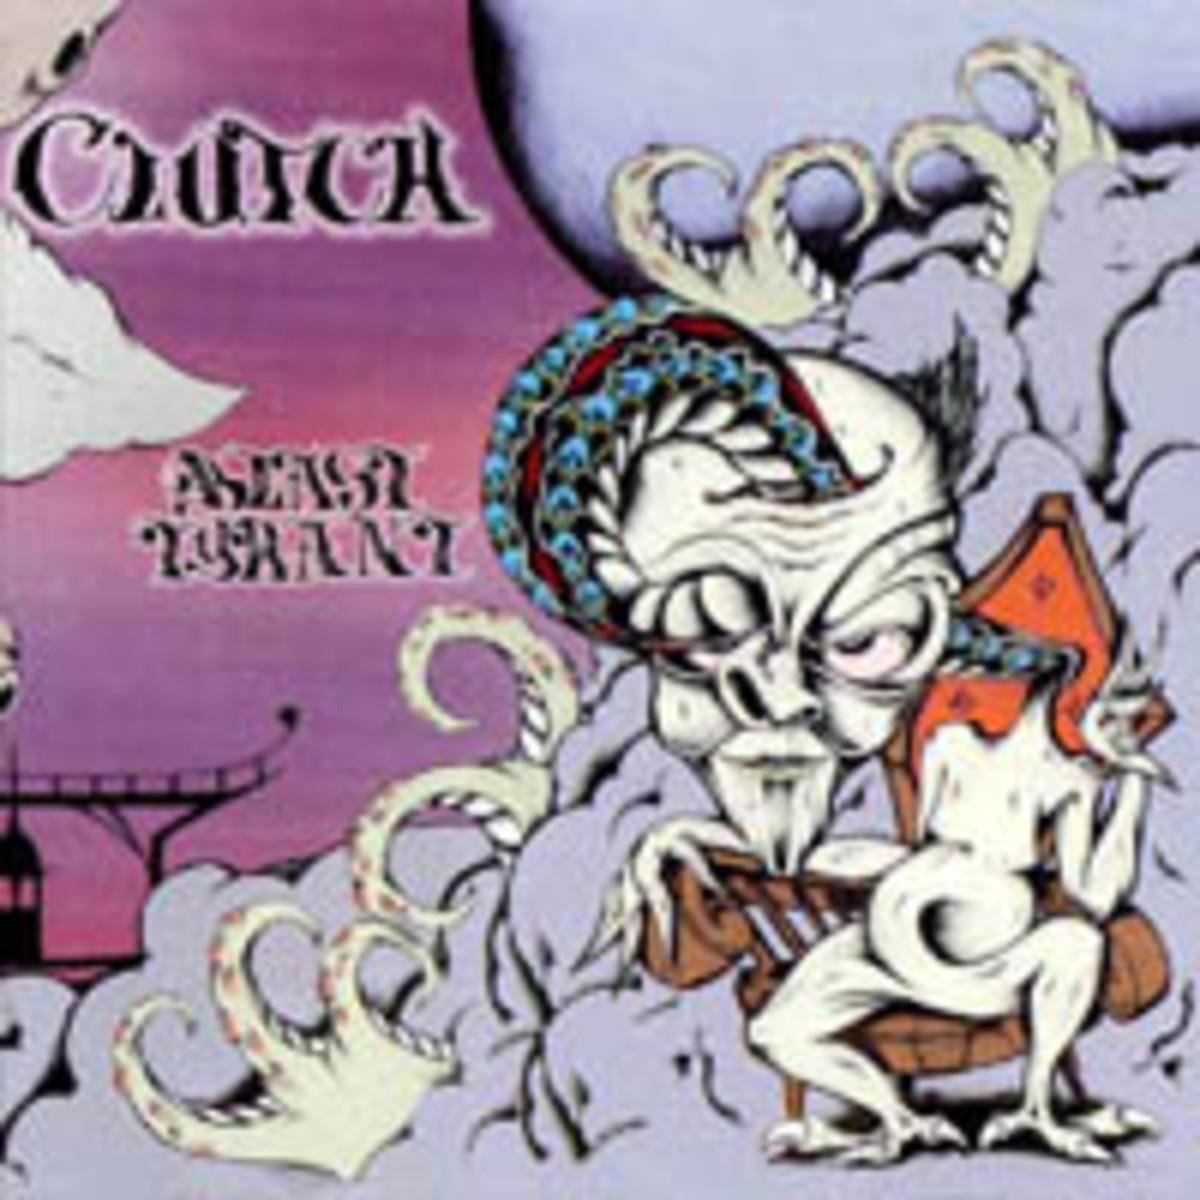 Clutch Blast Tyrant album